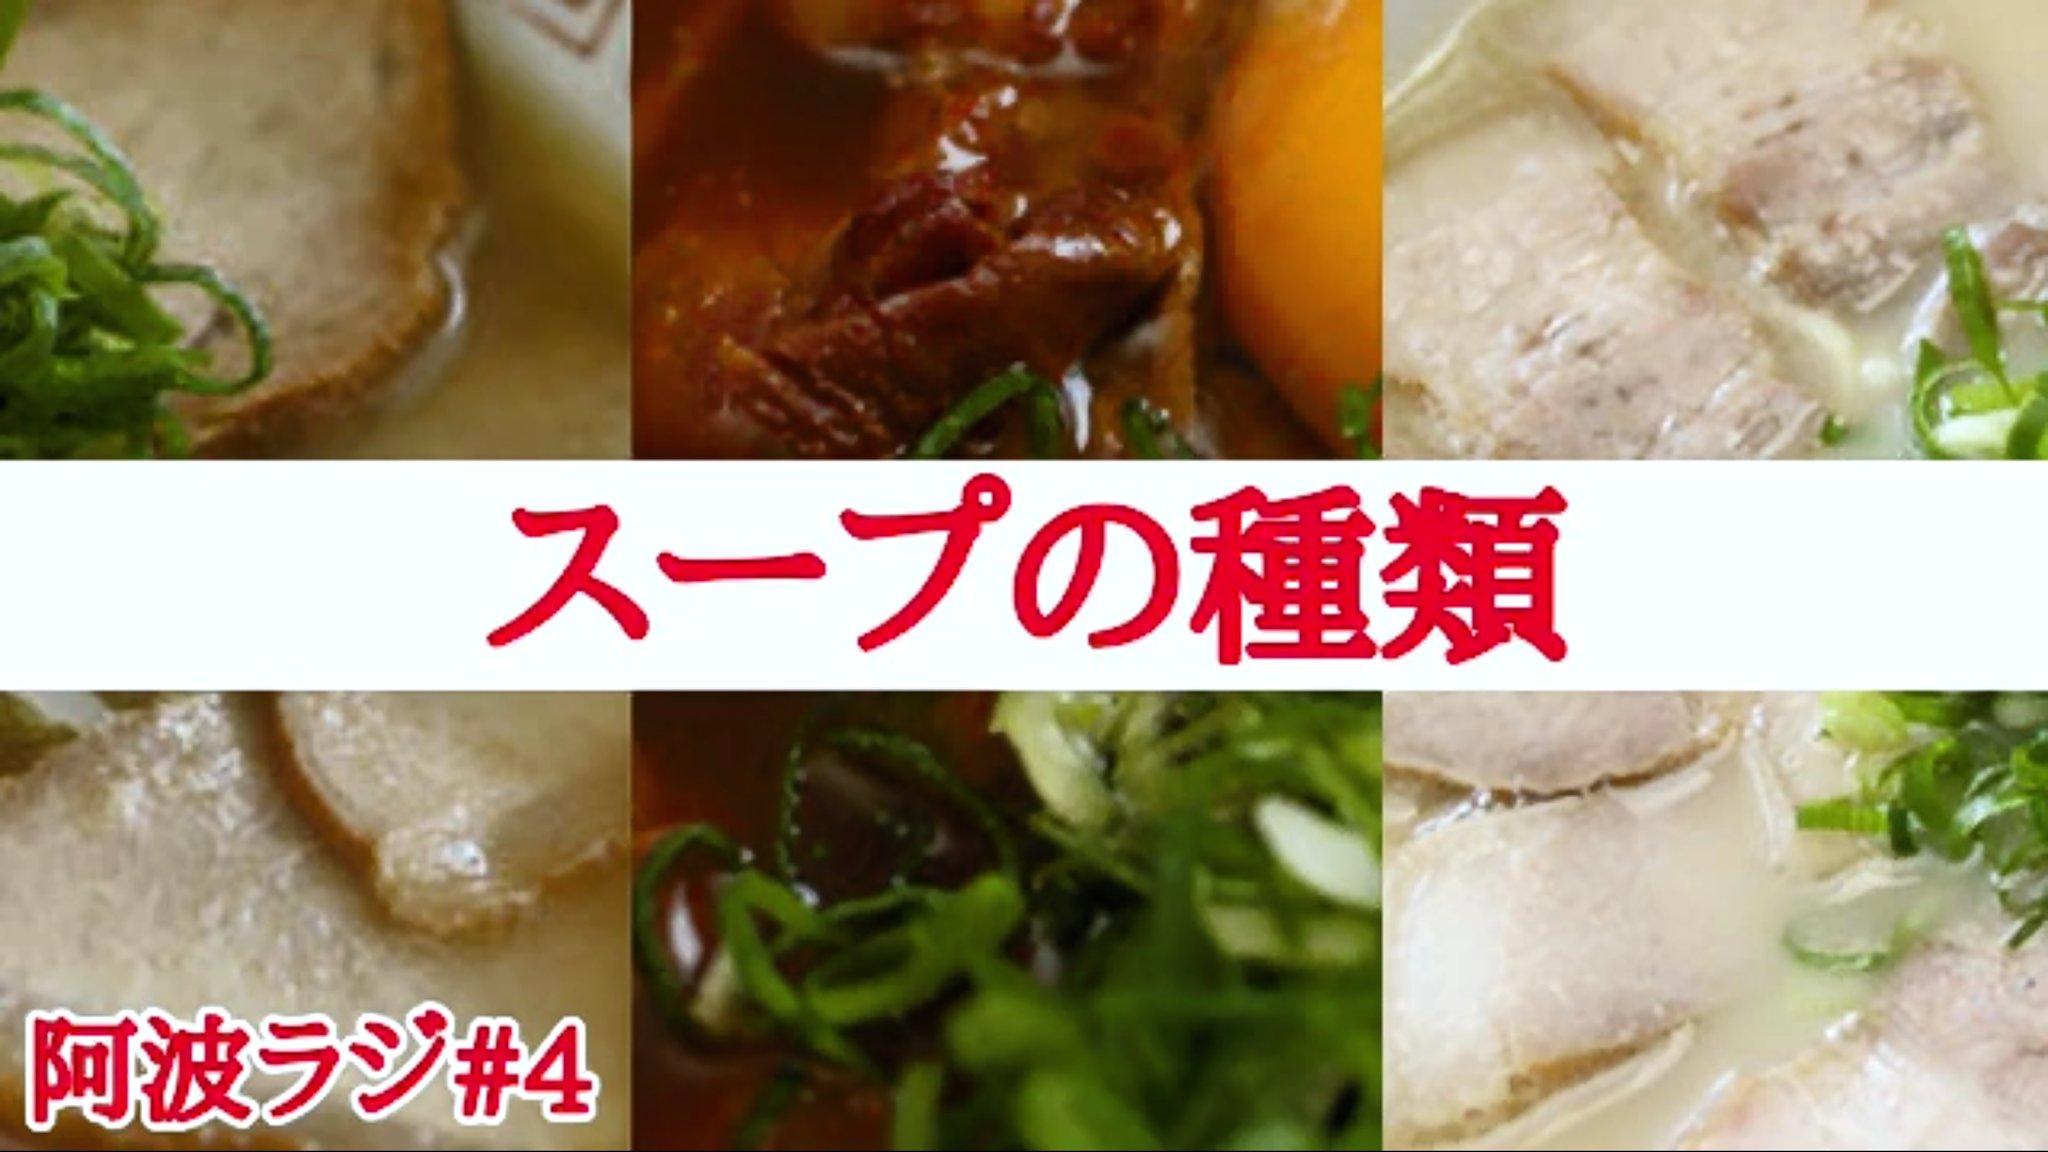 【阿波ラジ】 徳島ラーメンのスープの話